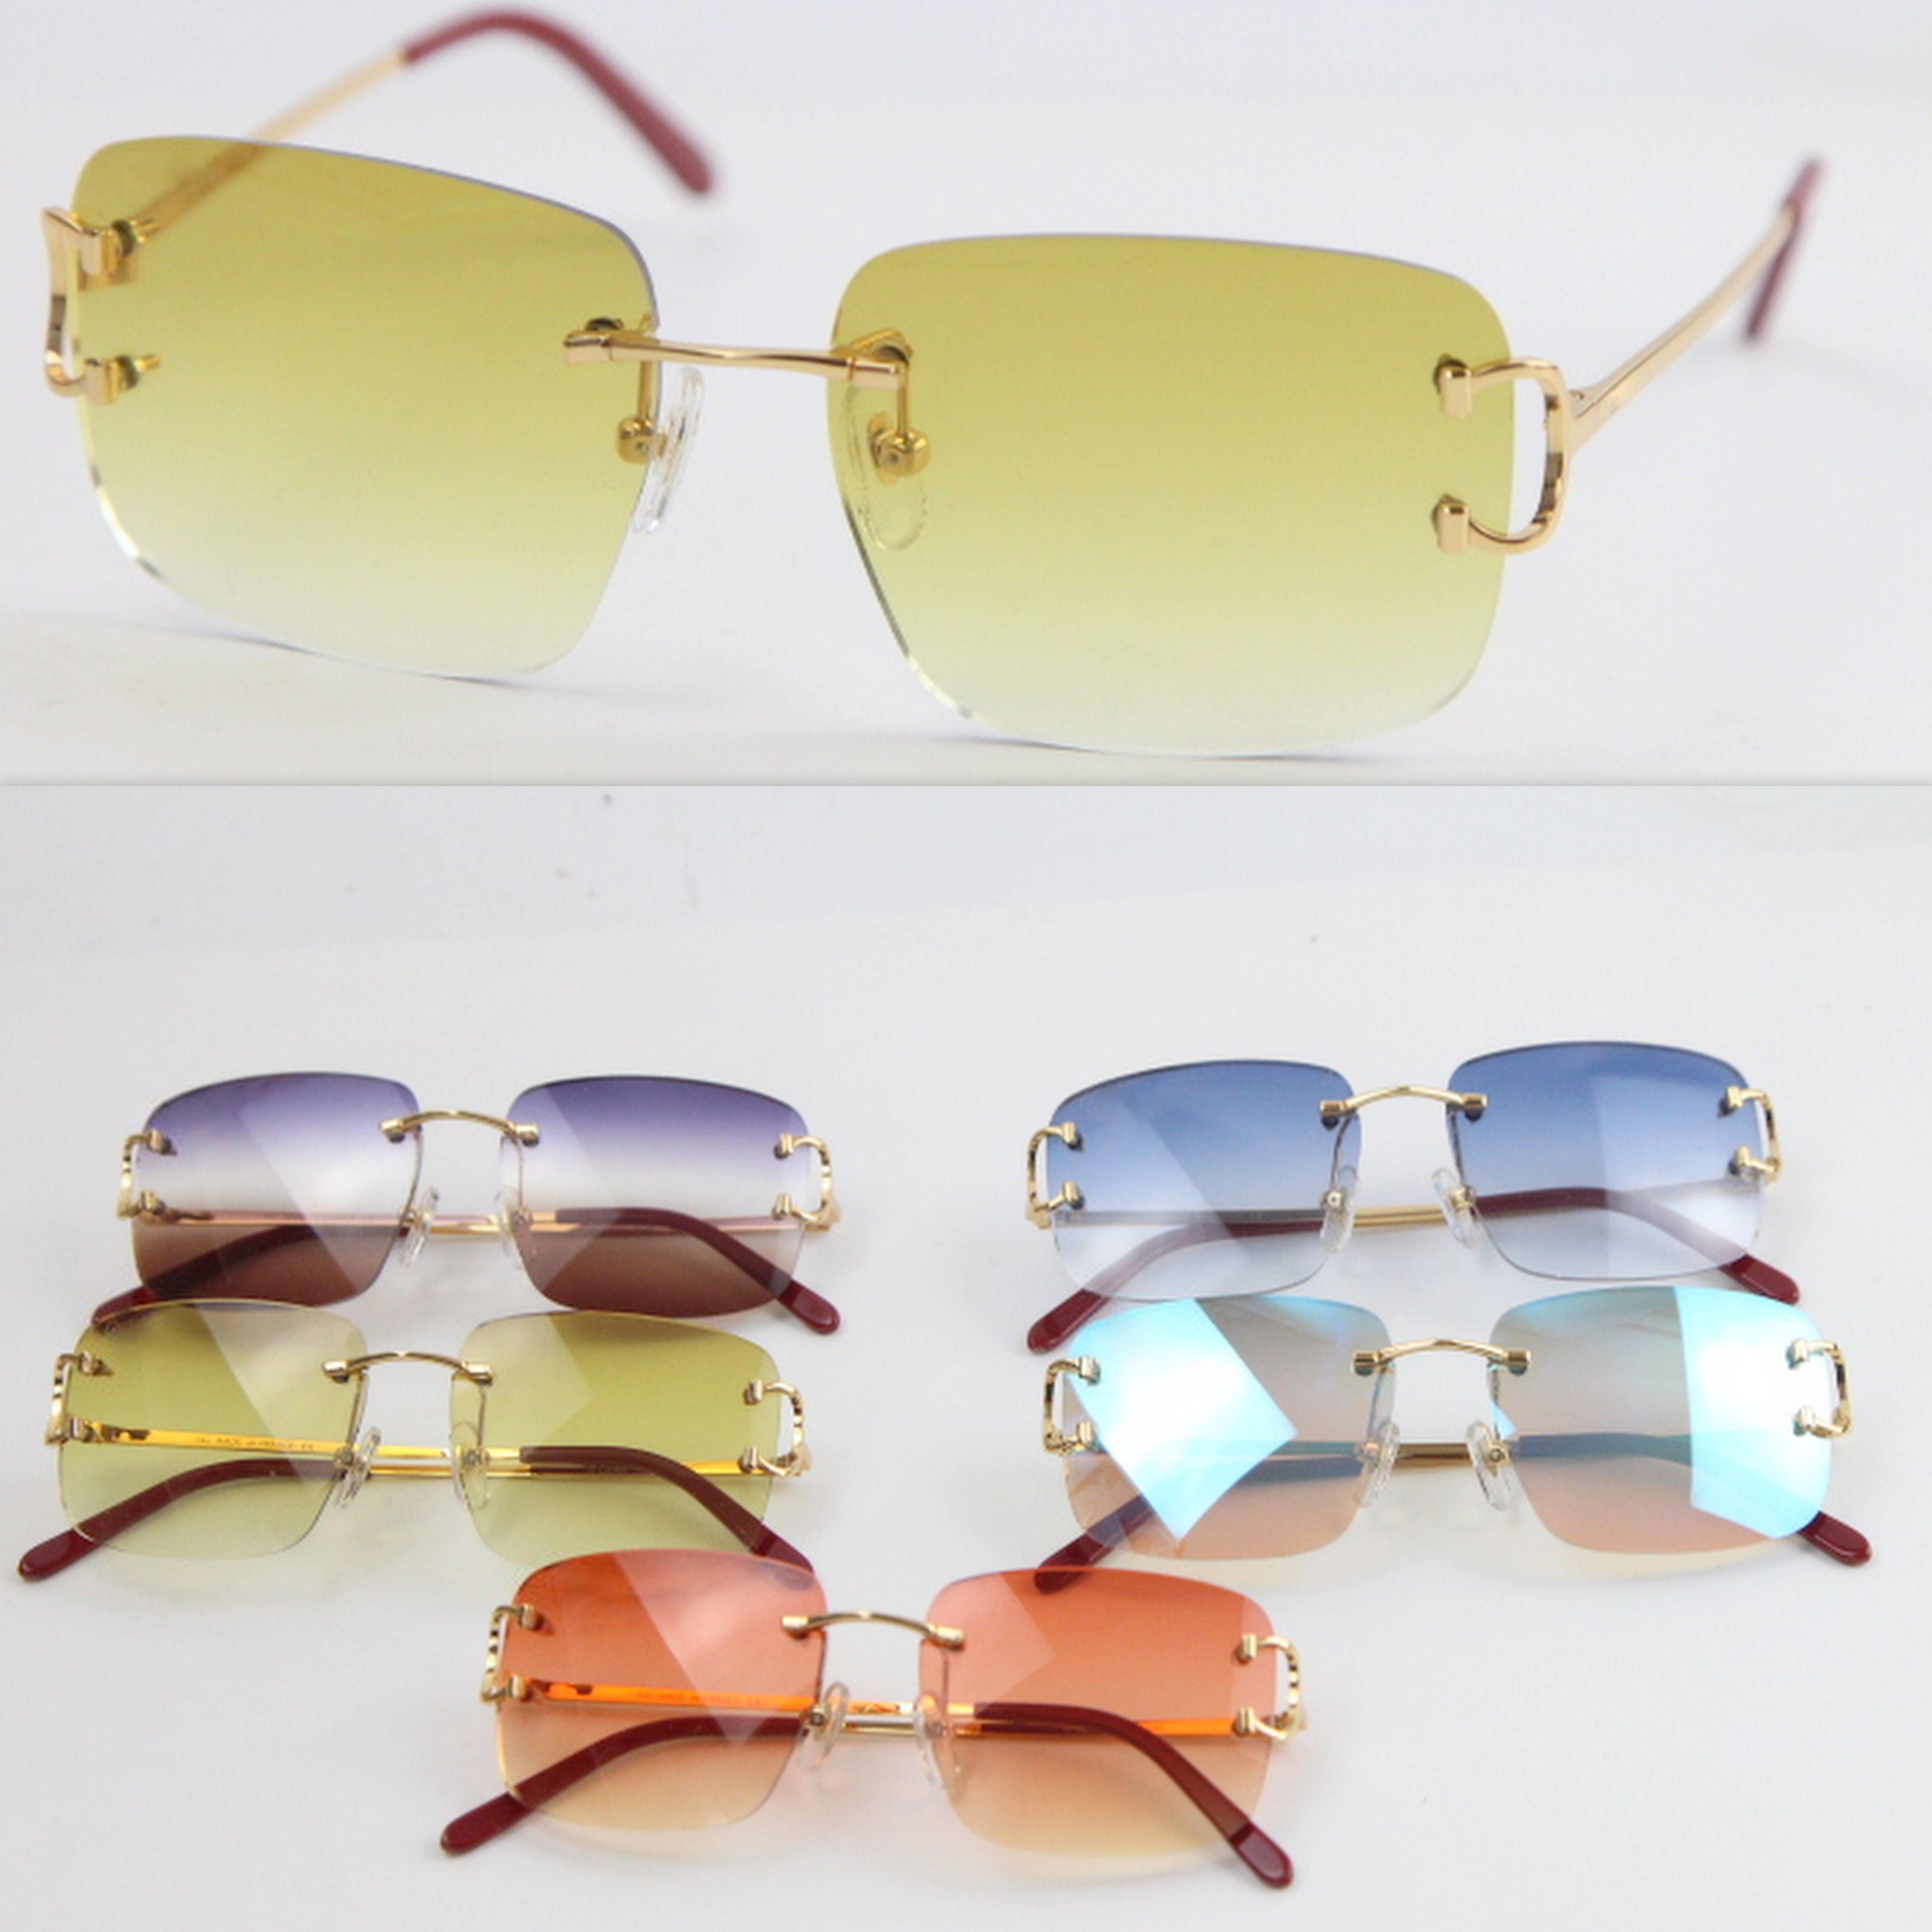 T8200816 Популярный новый стиль мода 2020 очков очки солнцезащитные очки без ограждения унисекс украшения горячие металлические солнцезащитные очки с деликатными H VMBRQ